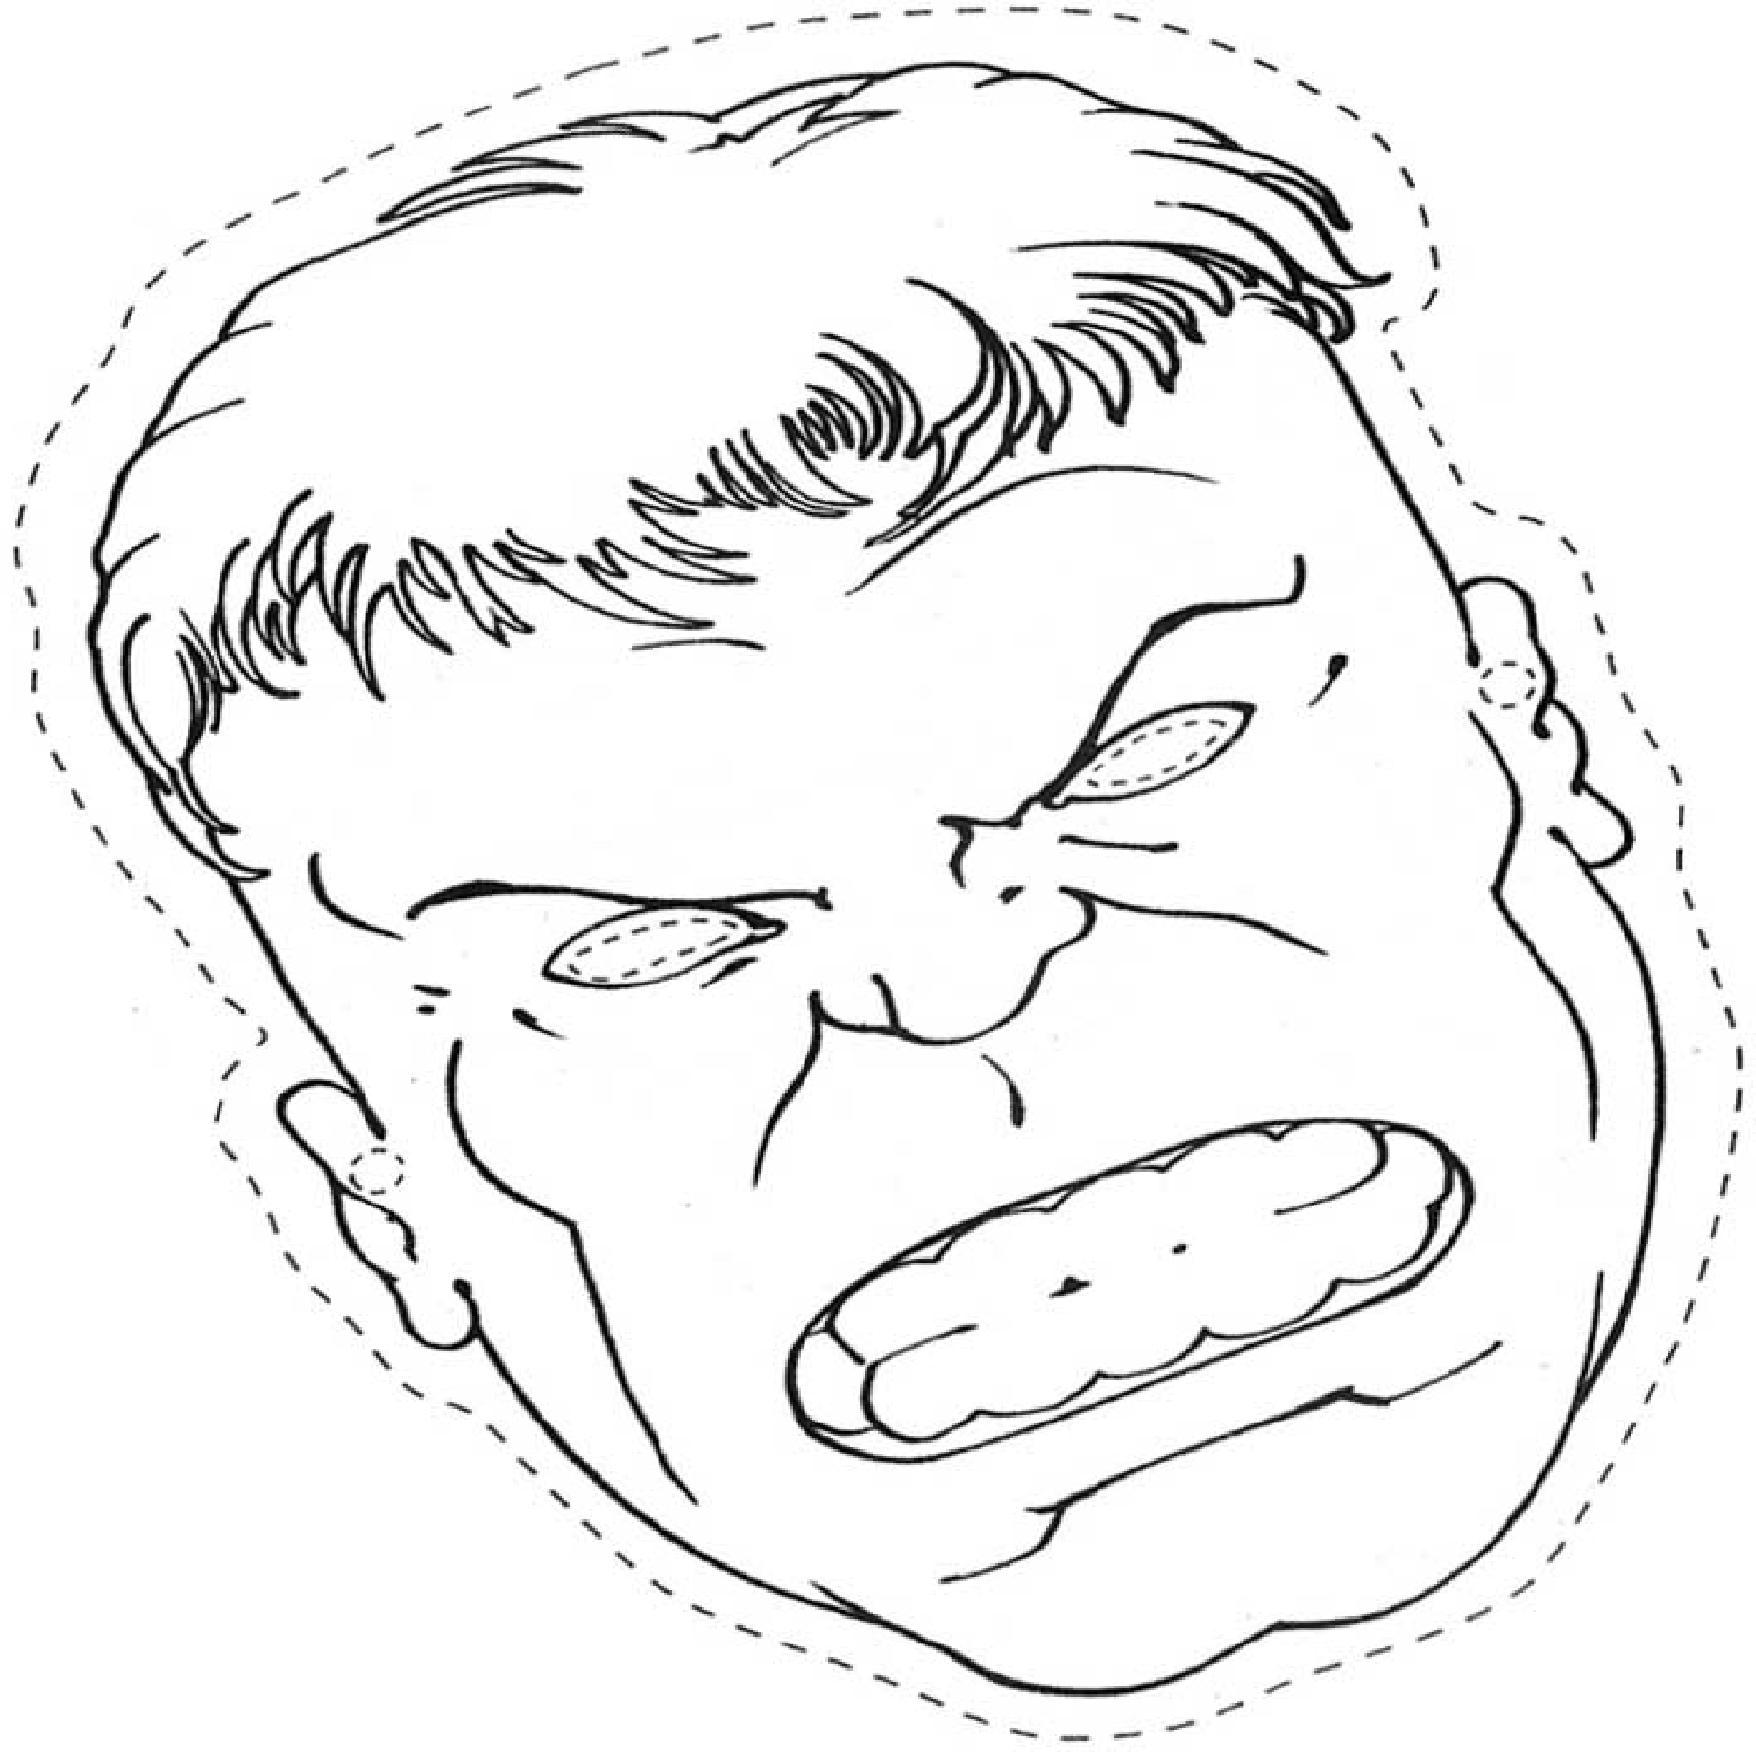 Masque Hulk A Colorier Découpage A Imprimer avec Decoupage A Imprimer Gratuit